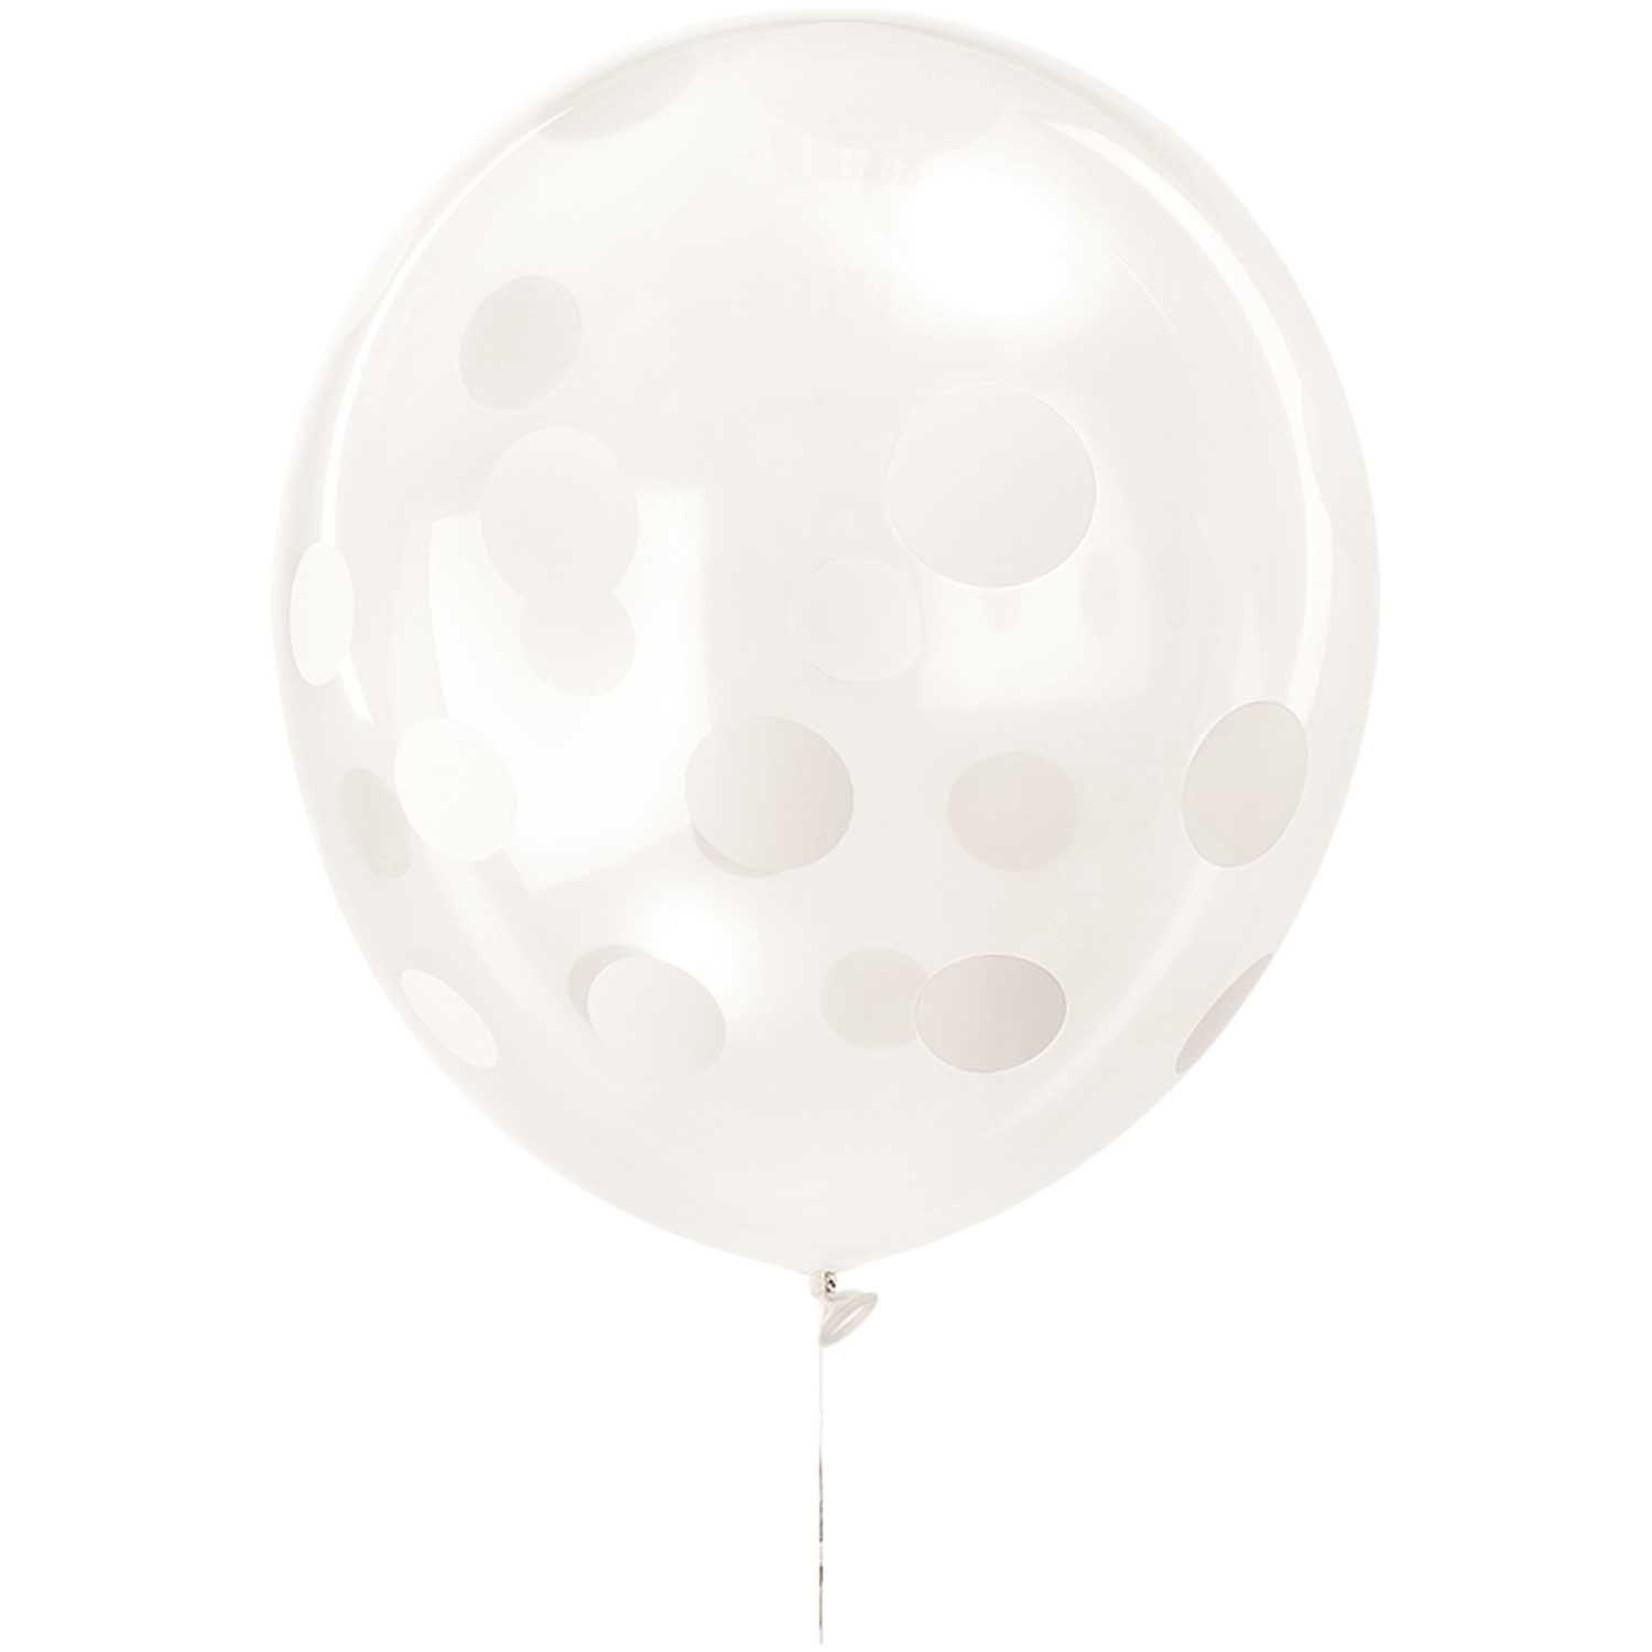 Rico Design Ballone in transparent mit weißen Punkten